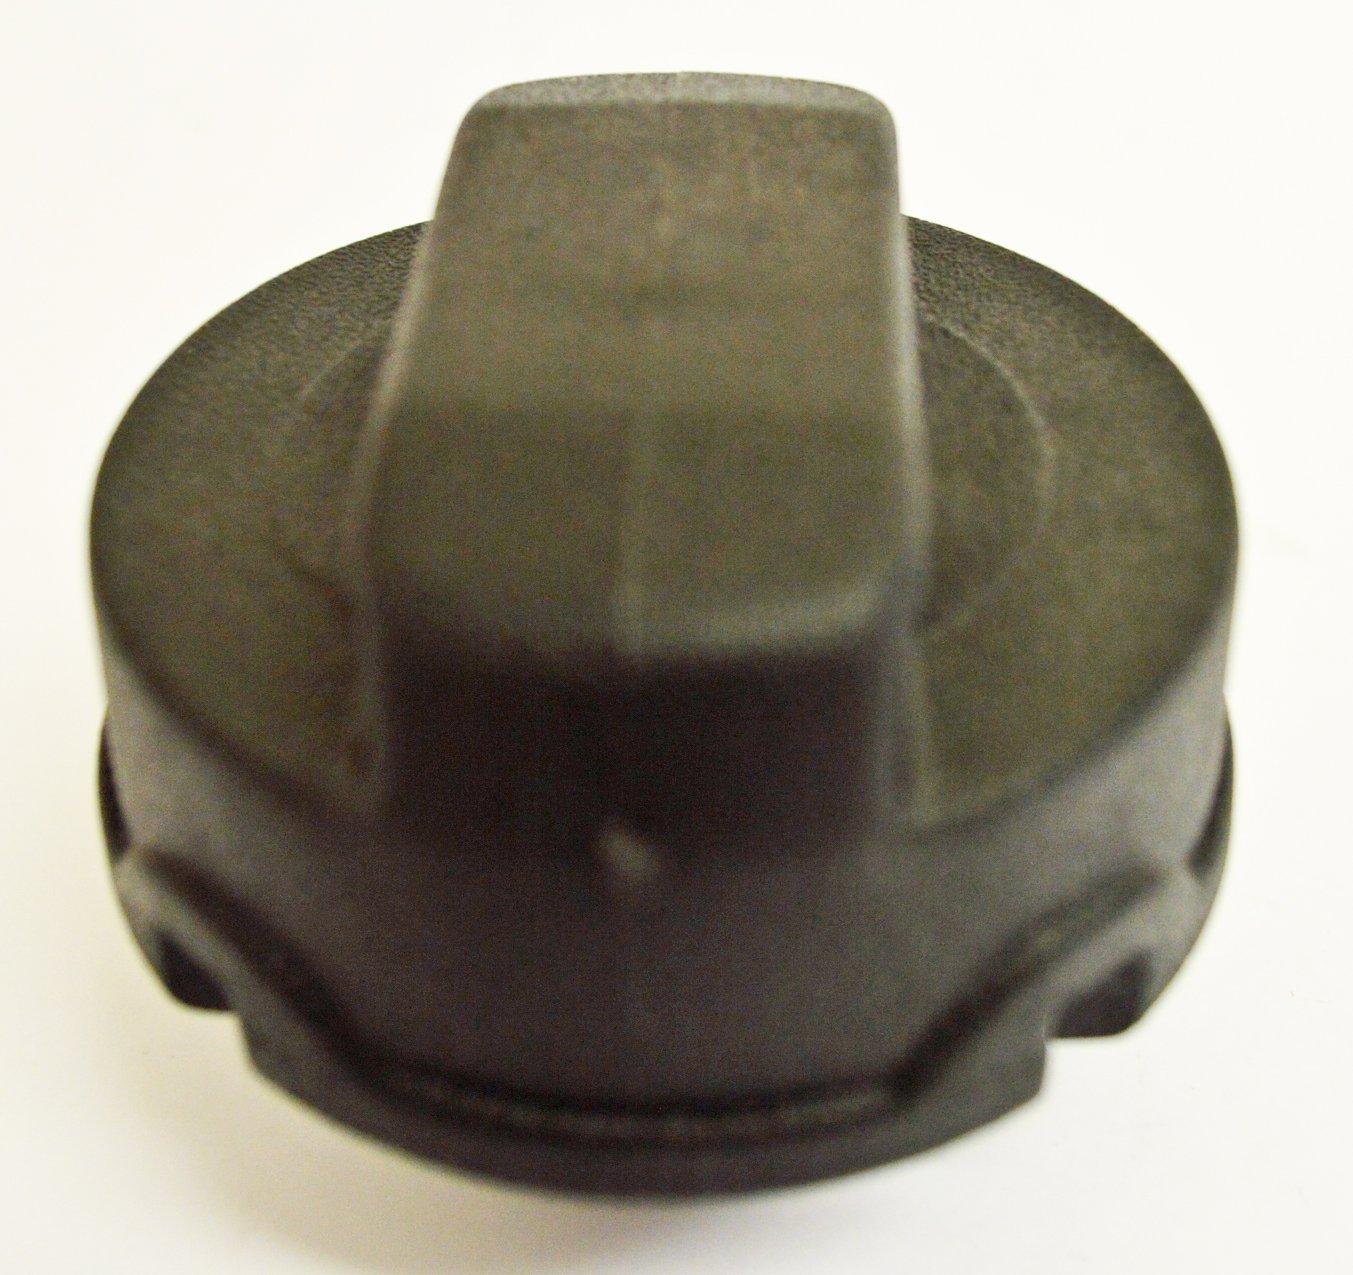 New from LSC Petrol Fuel Filler Cap 90501145